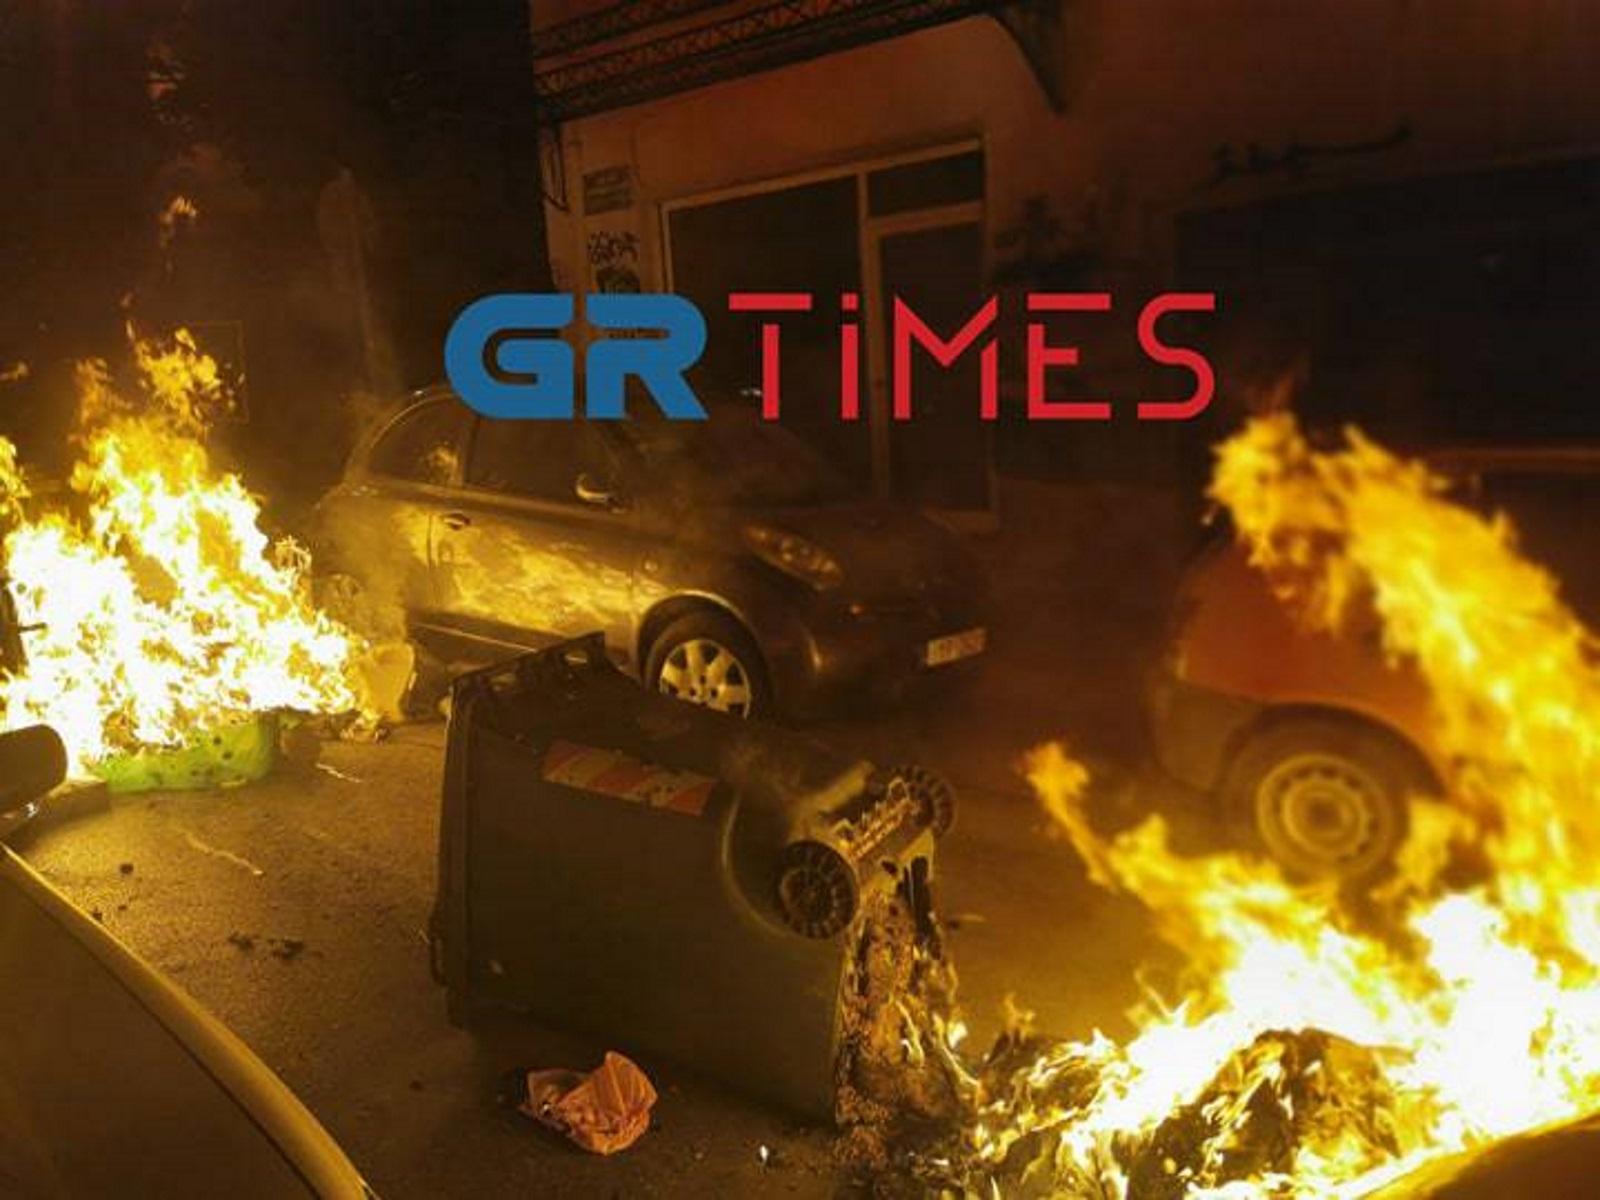 Χάος στη Θεσσαλονίκη – Άγρια επεισόδια με μολότοφ, δακρυγόνα και καμμένα αυτοκίνητα